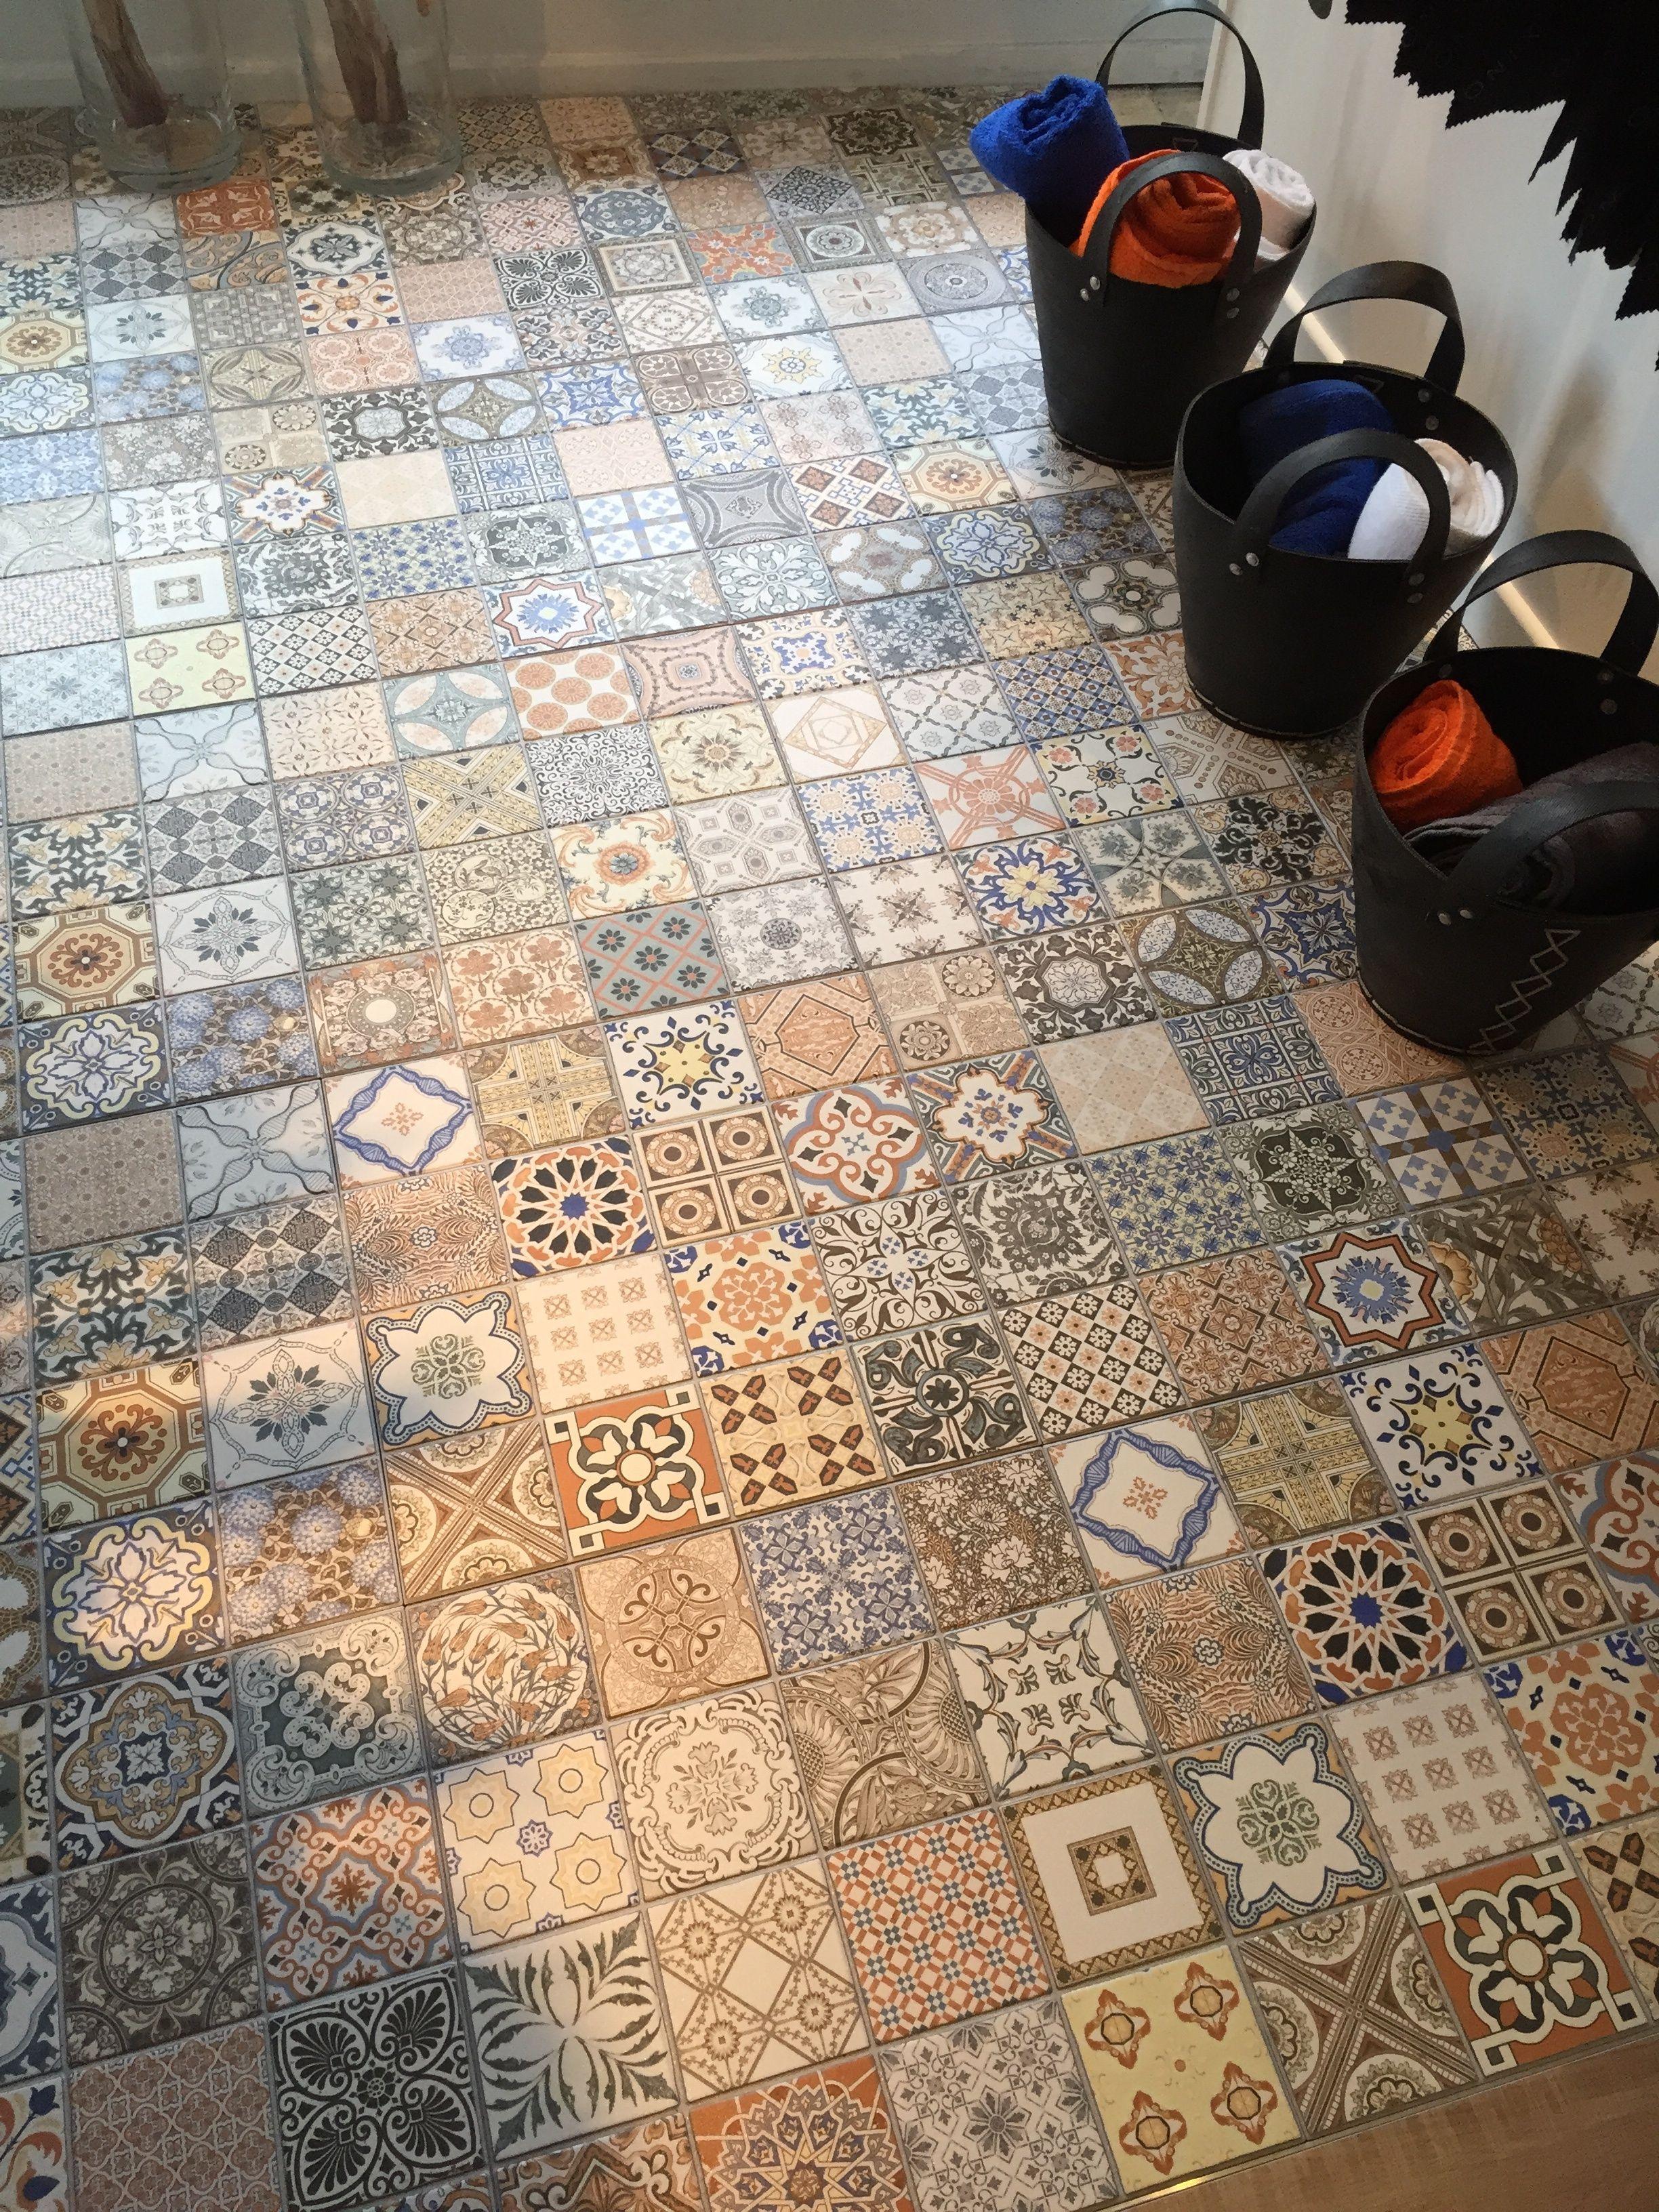 specials vm tegels tegels natuursteen blauwsteen vloeren